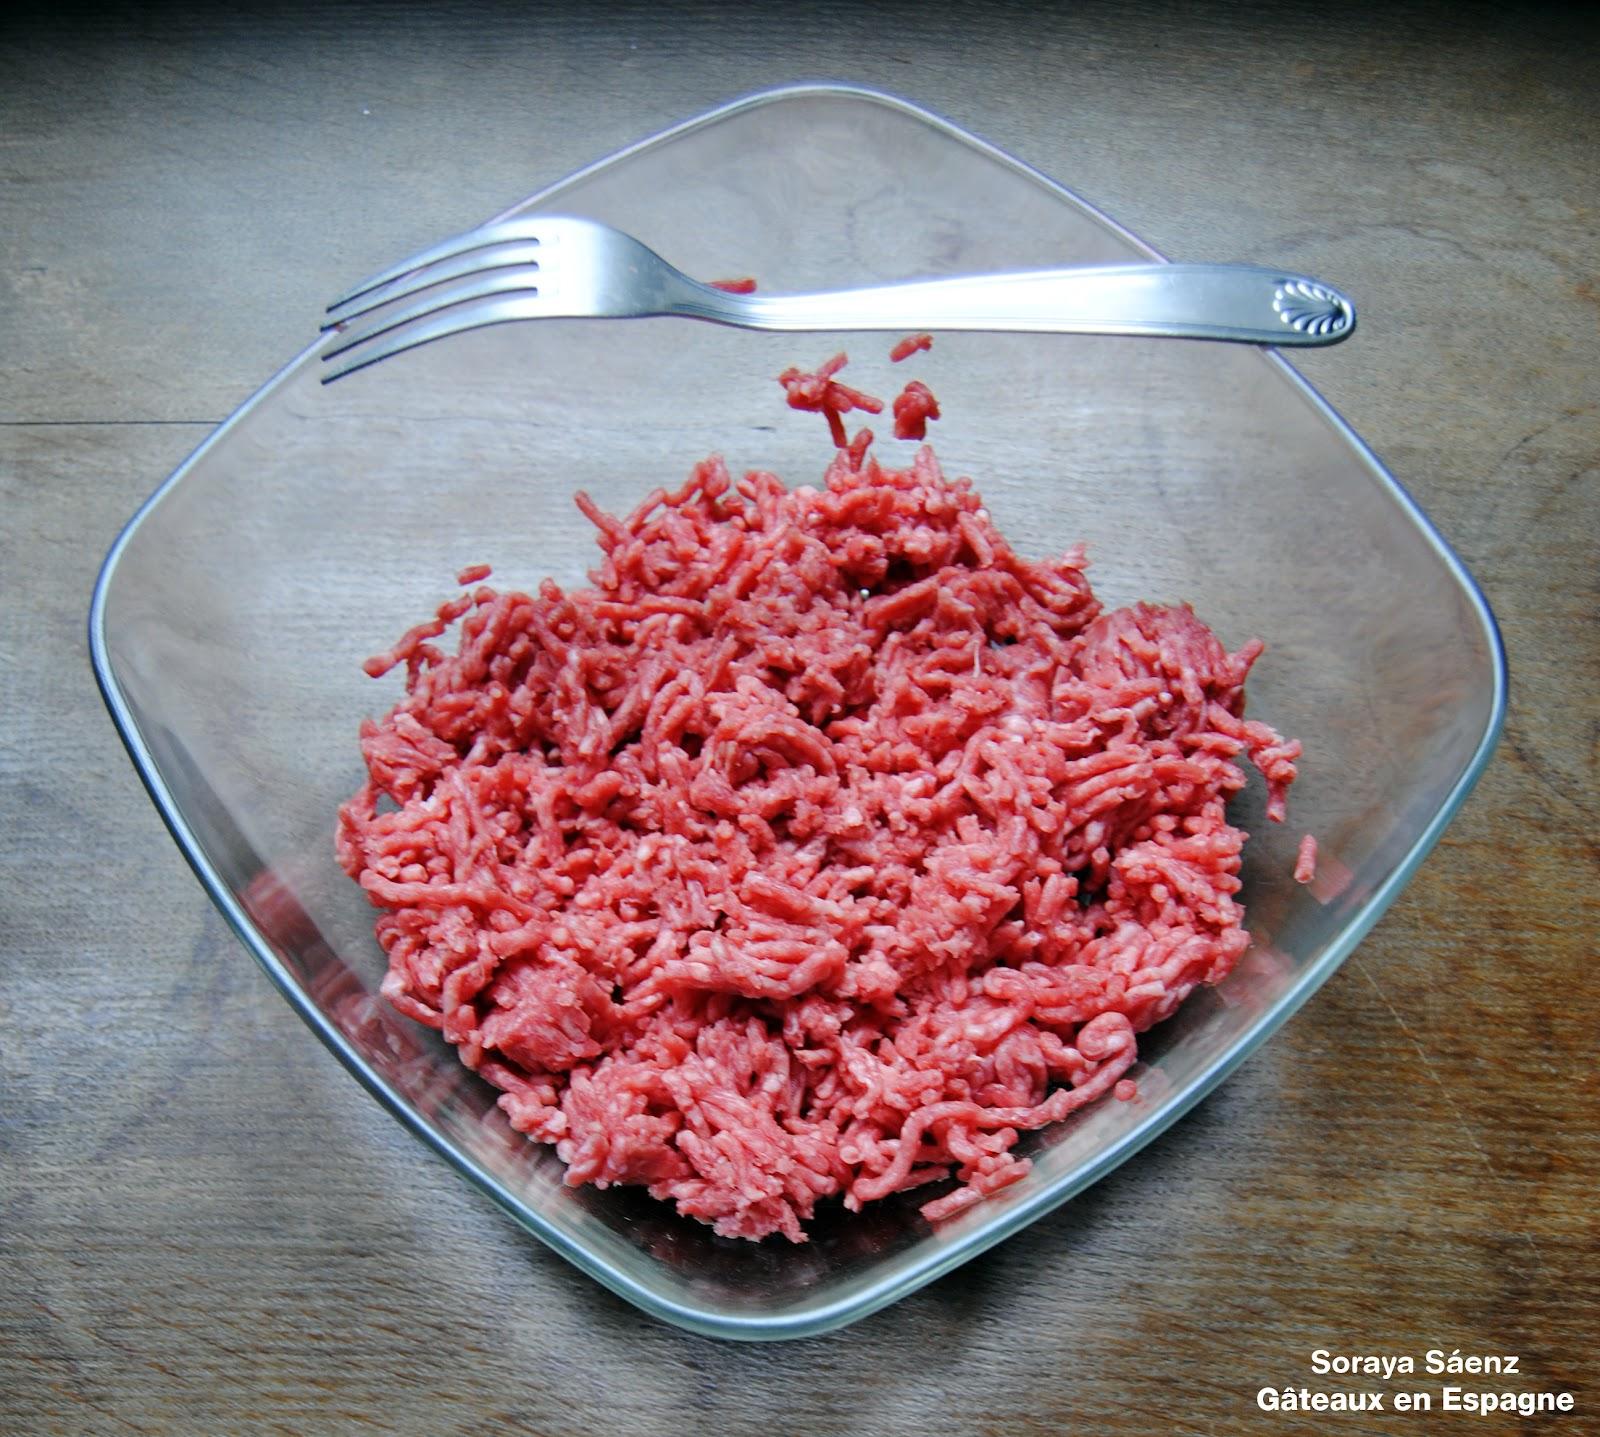 g teaux en espagne boulettes de viande hach e avec de la sauce de tomate. Black Bedroom Furniture Sets. Home Design Ideas